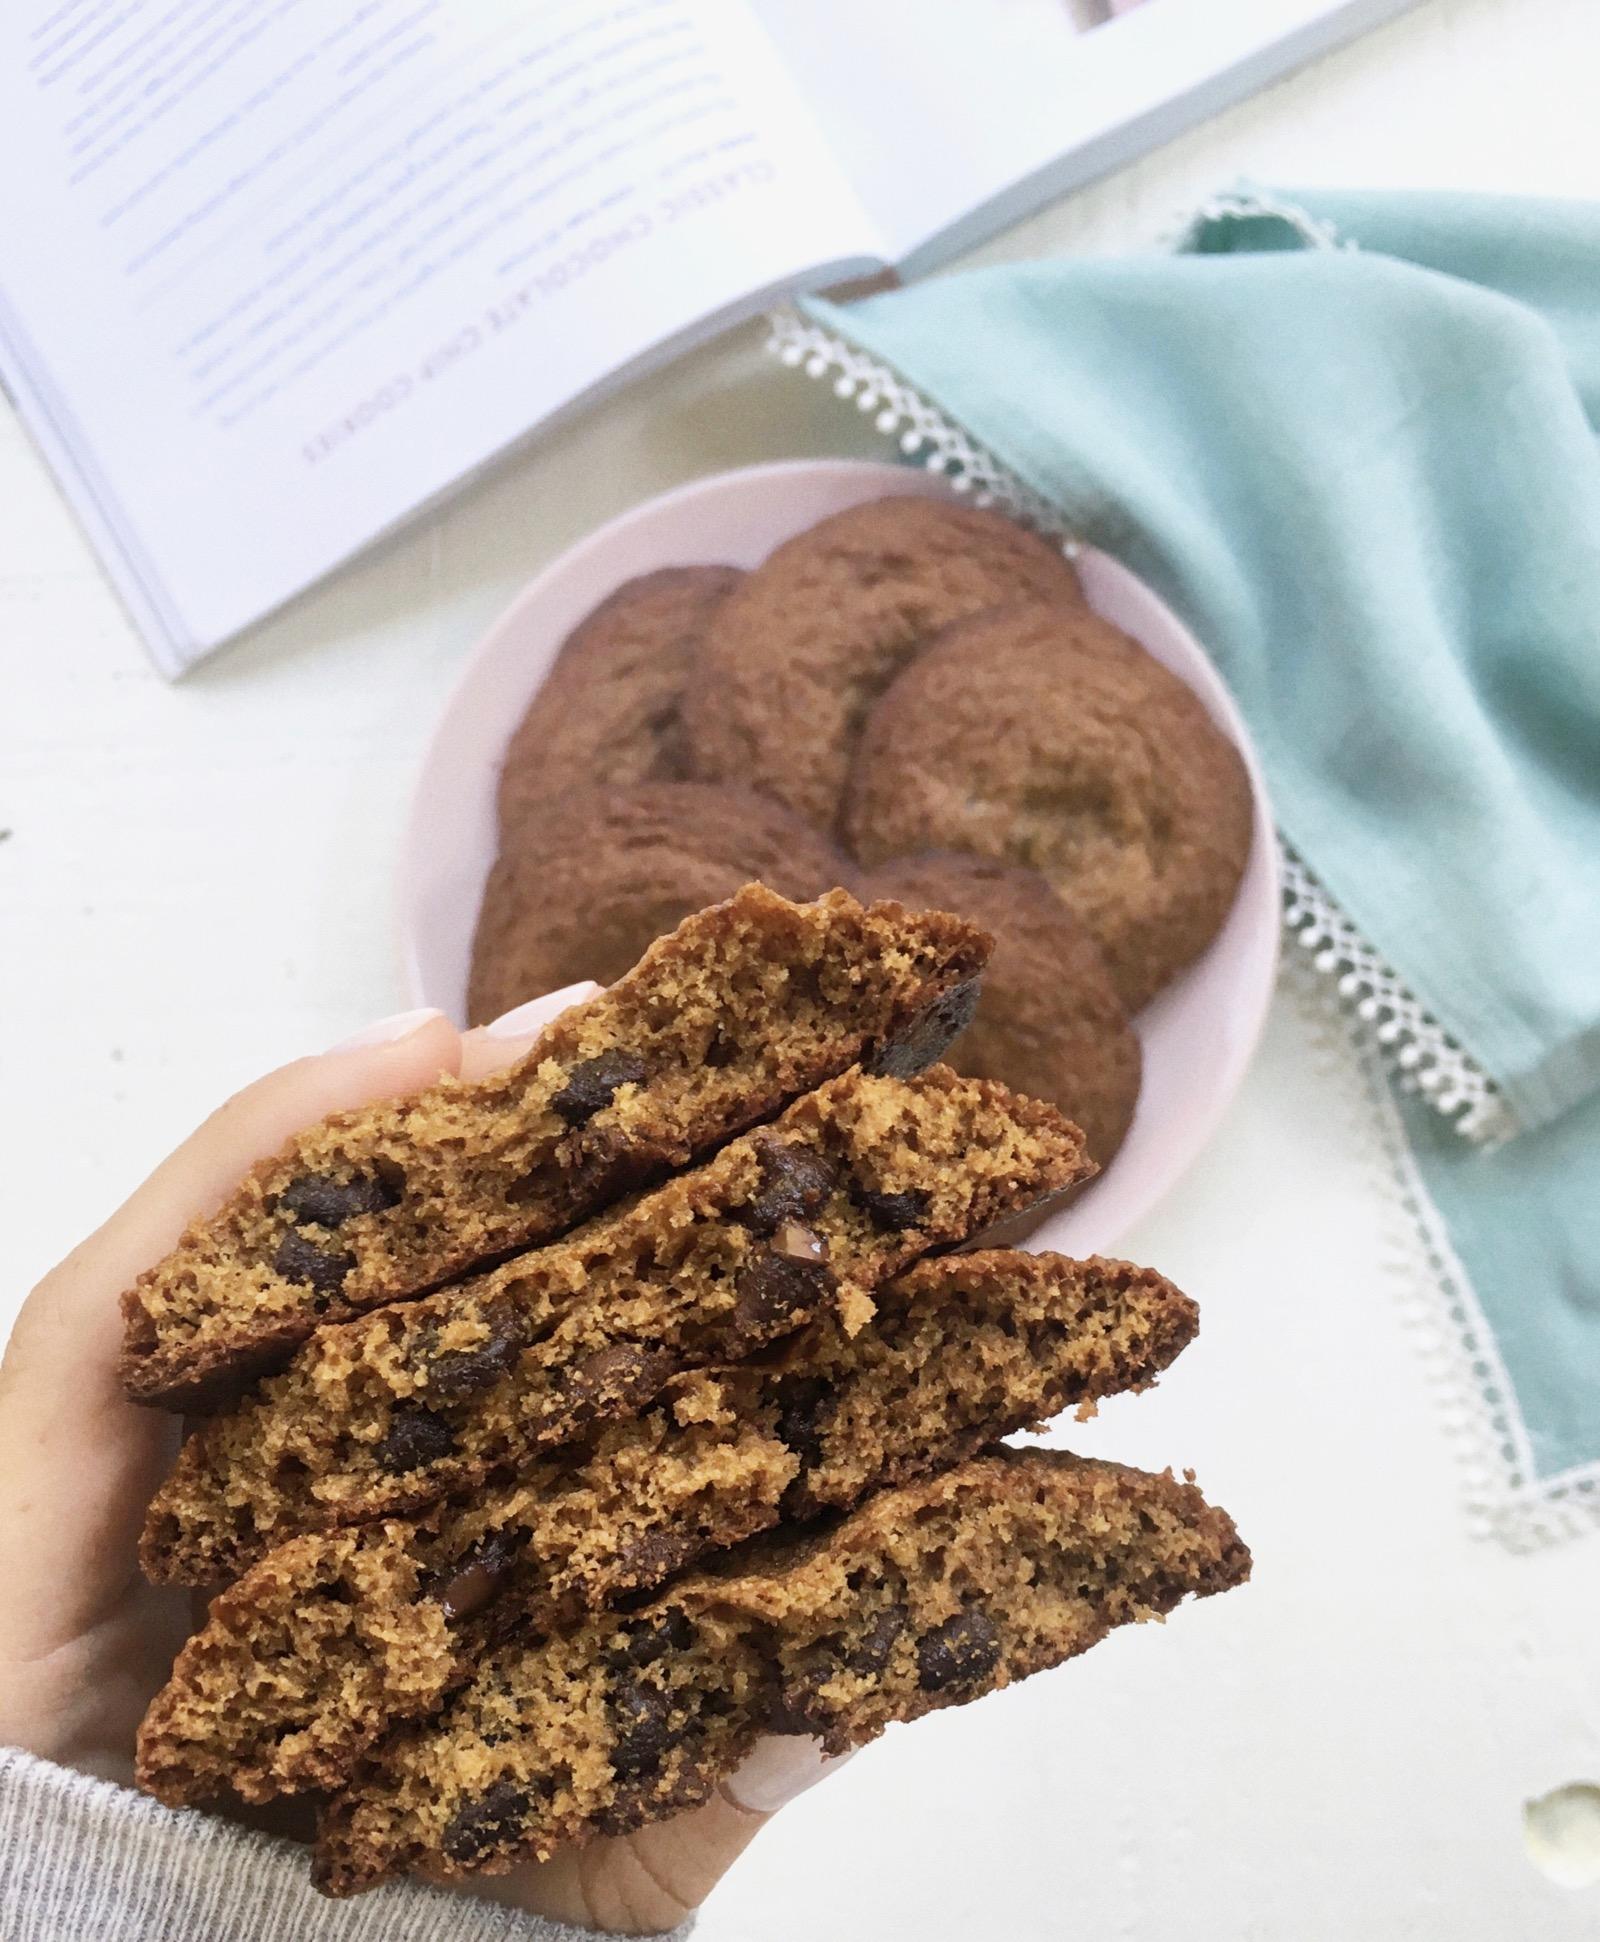 Kristin Cavallari's Secret Cookie Recipe